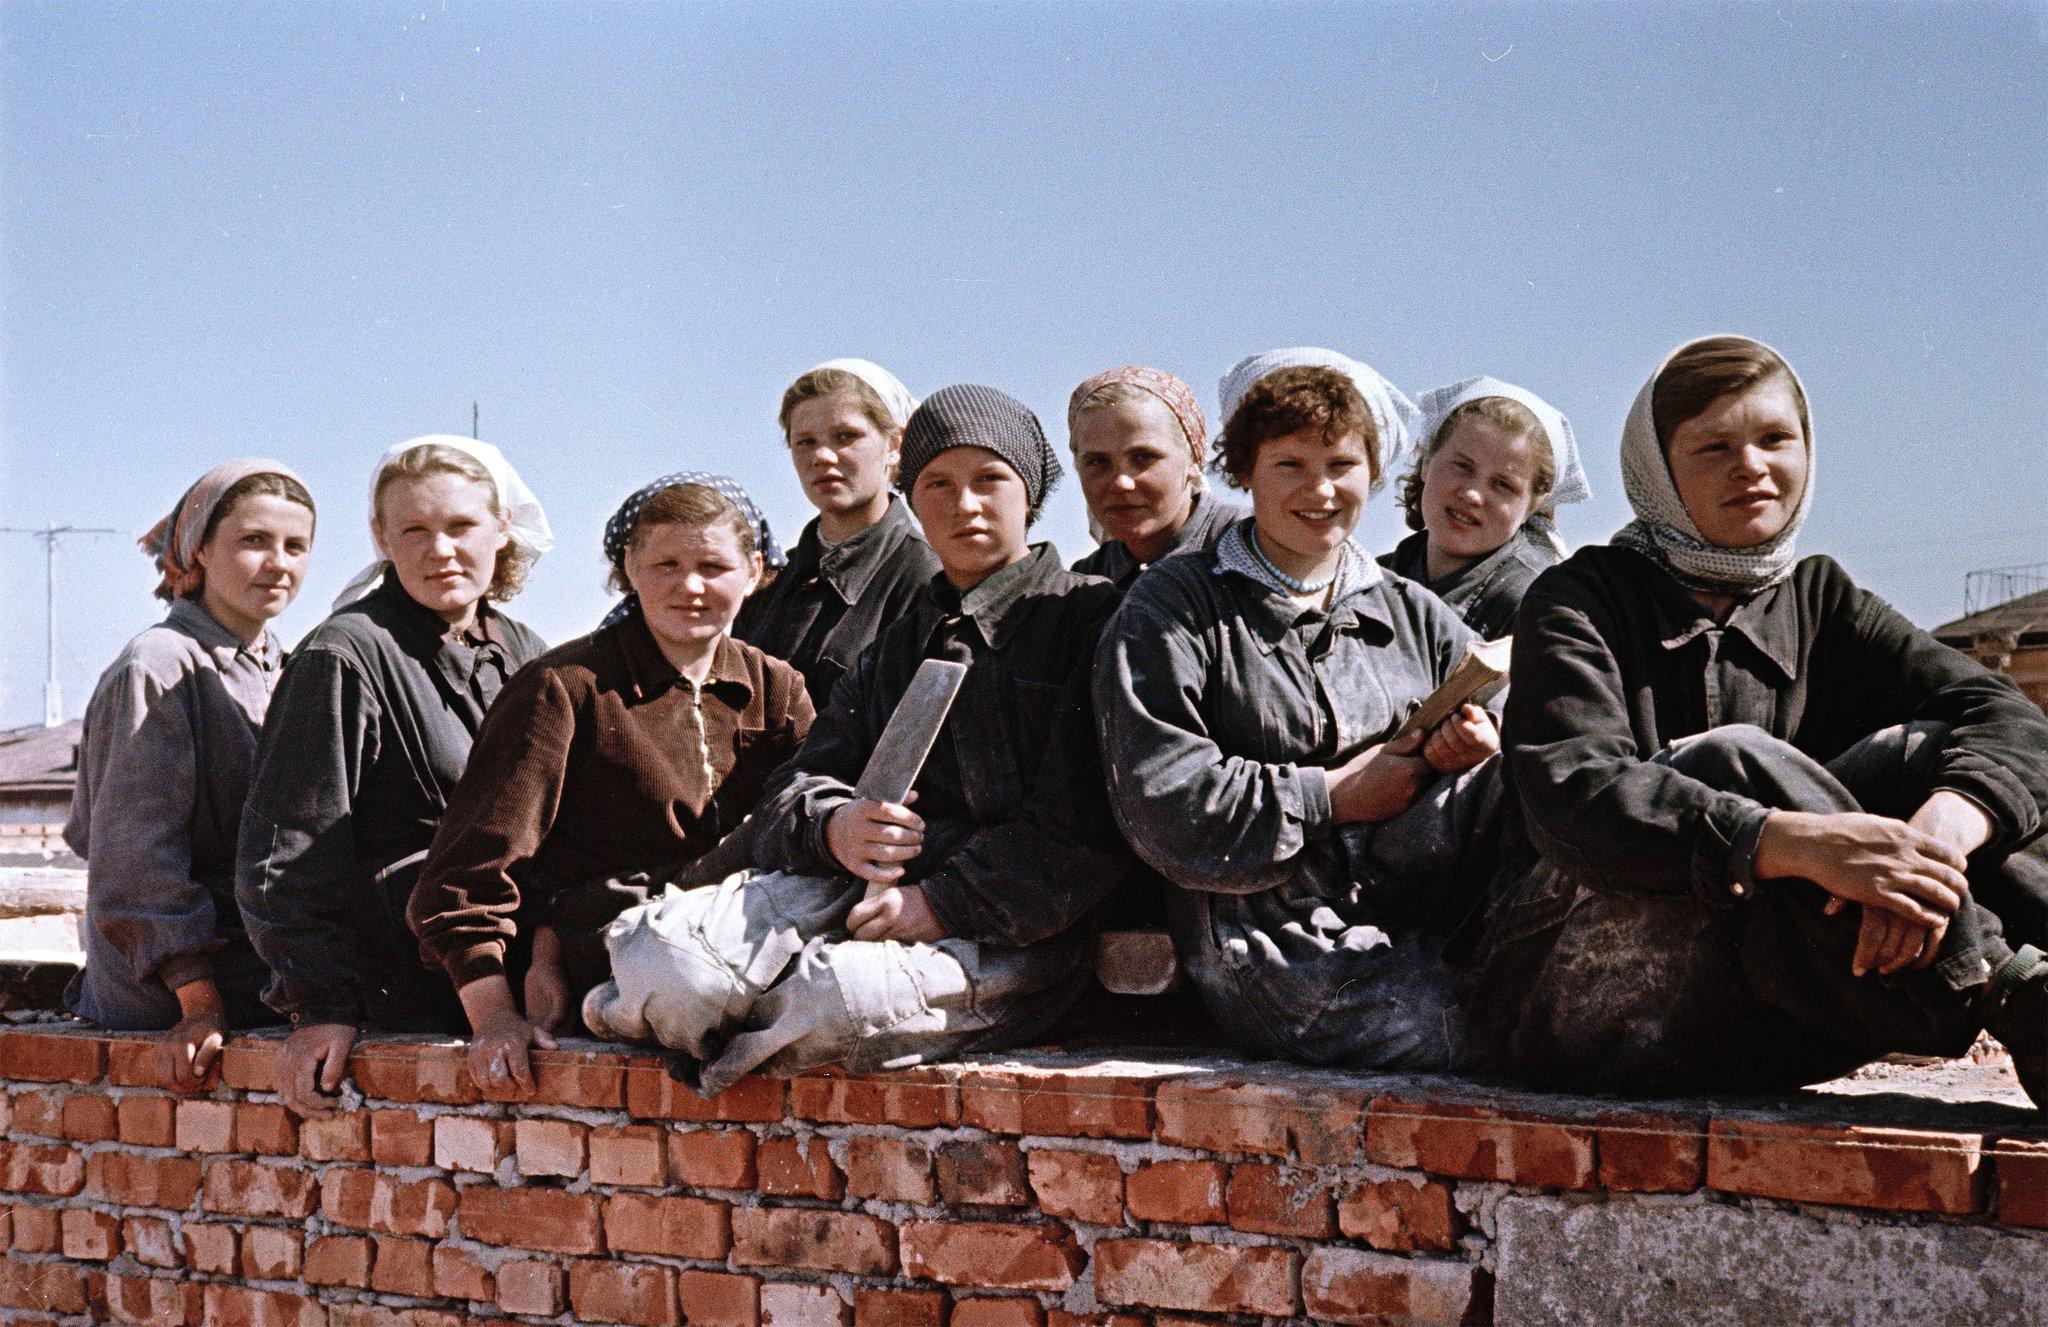 Семён Фридман. Архангельск, молодые строители — будущие инженеры на практике. 1950-е